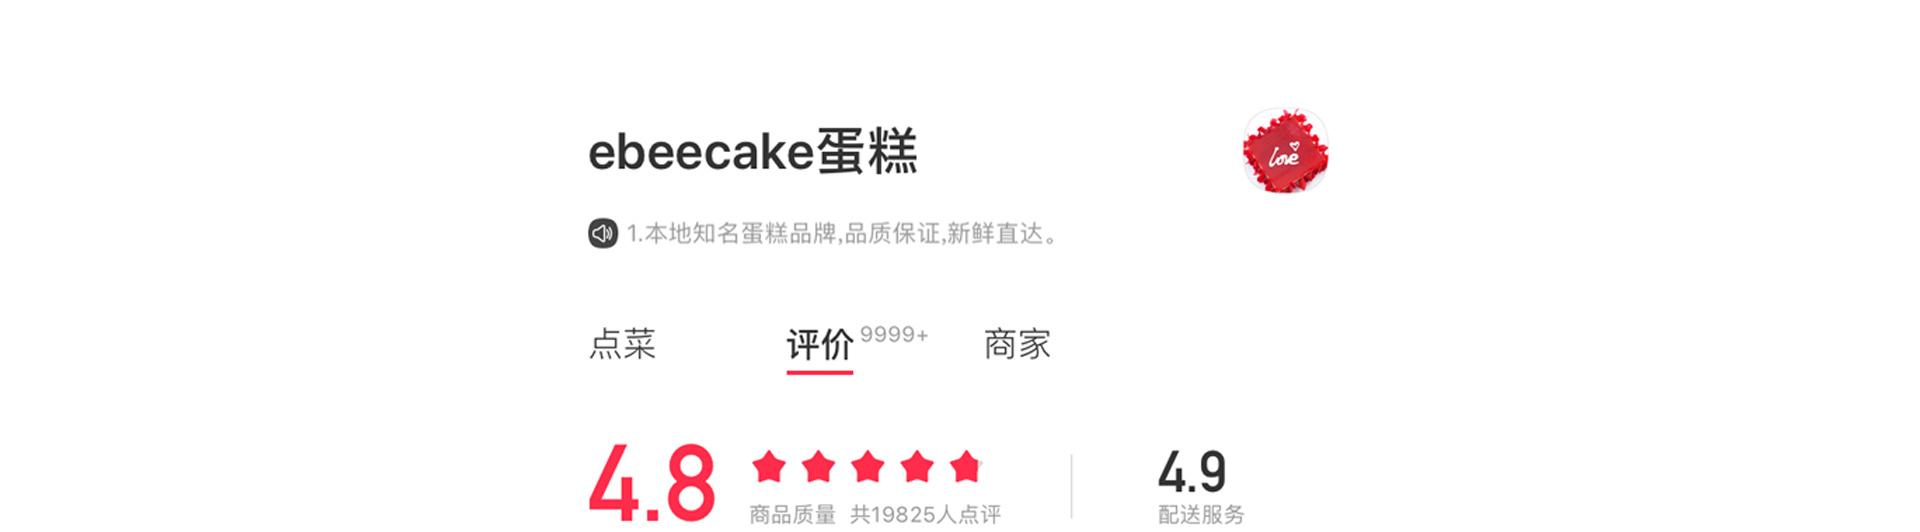 ebeecake小蜜蜂蛋糕